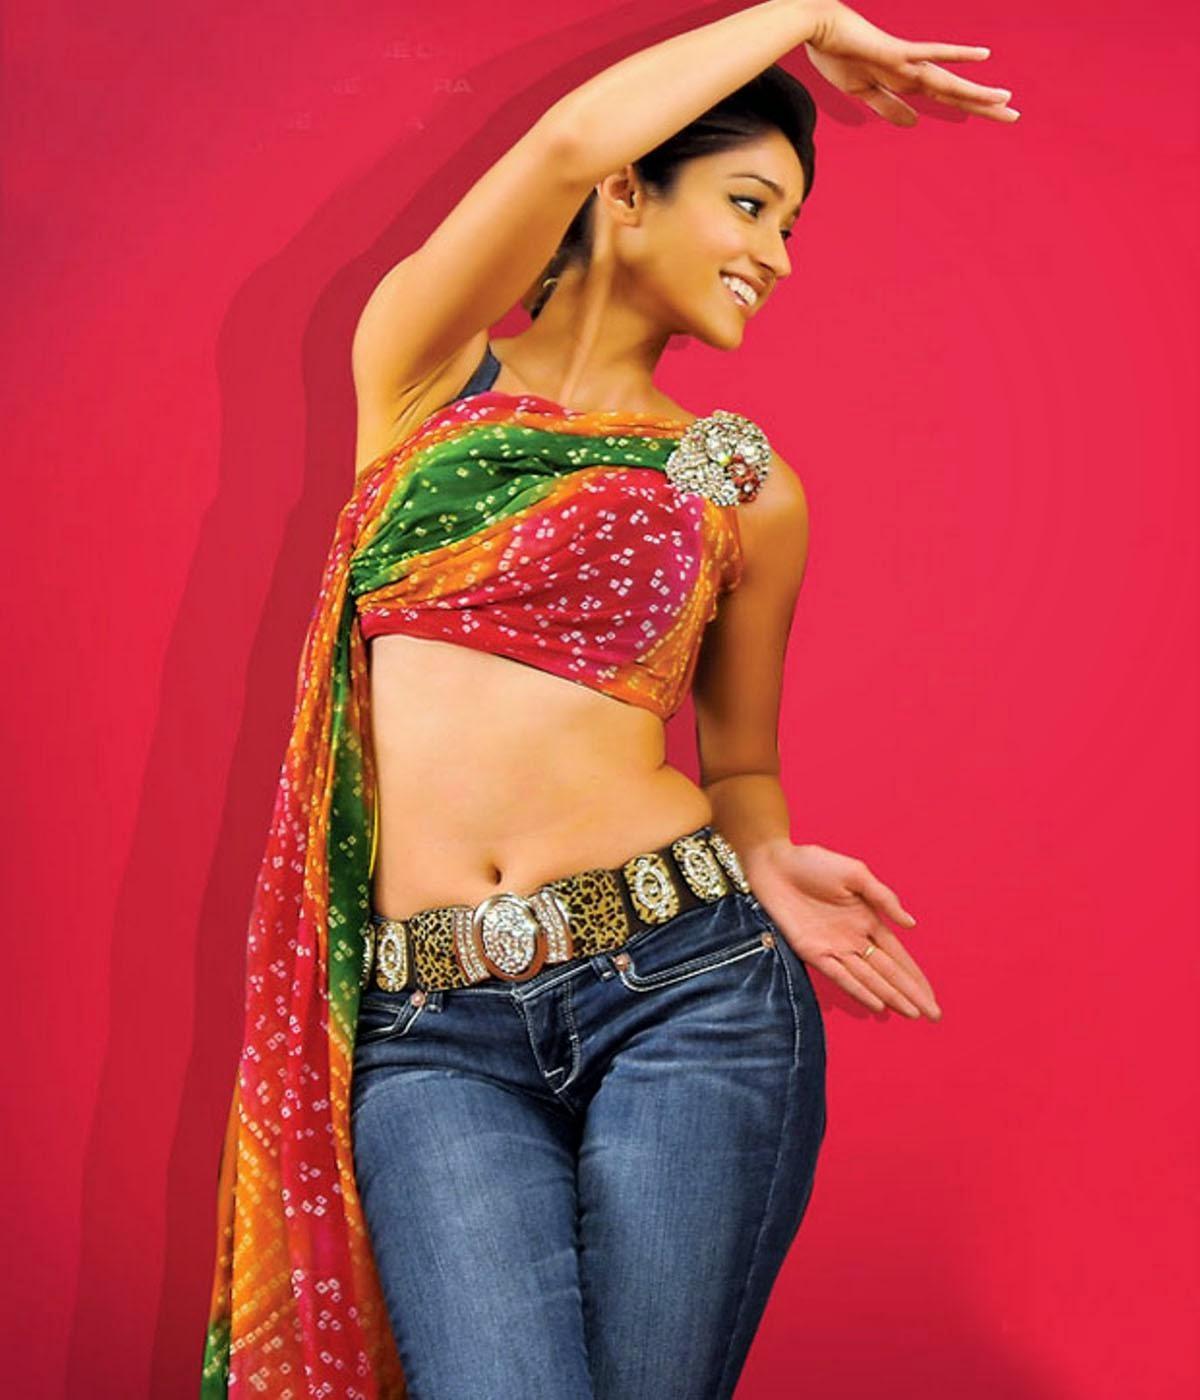 Bollywood Actress Ileana D'Cruz Hot Photos And Wallpapers